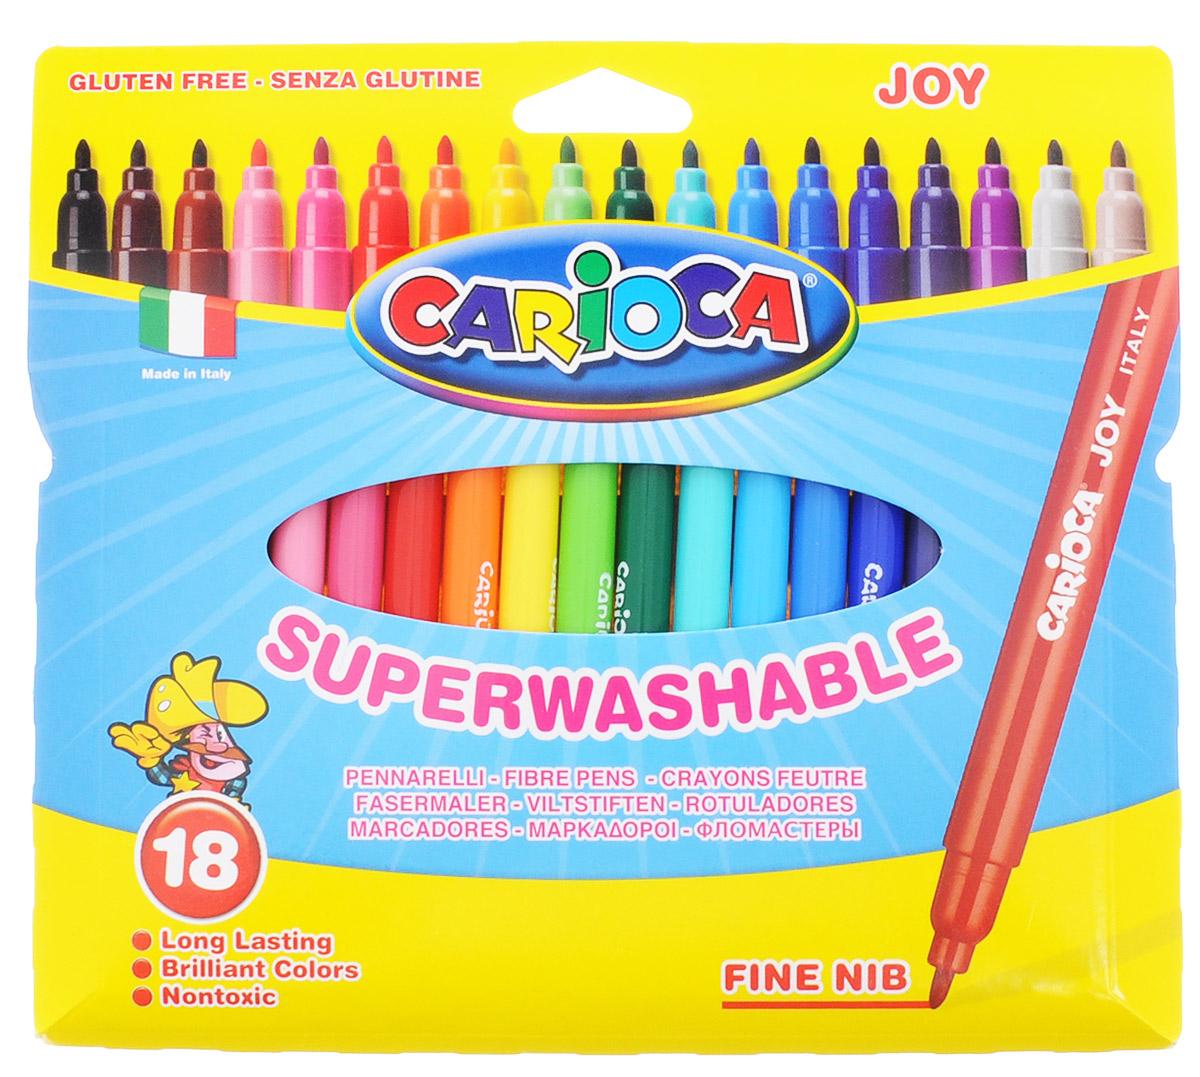 Carioca Набор фломастеров Joy 18 цветов72523WDНабор Joy состоит из 18 разноцветных фломастеров, которые отлично подойдут и для школьных занятий, и просто для рисования. Фломастеры рисуют яркими насыщенными цветами. Чернила на водной основе легко смываются с кожи и отстирываются с большинства тканей. Корпус фломастеров изготовлен из полипропилена, а колпачок имеет специальные прорези, что еще больше увеличивает срок службы чернил и предотвращает их преждевременное высыхание. Порадуйте своих детей великолепными фломастерами Joy.